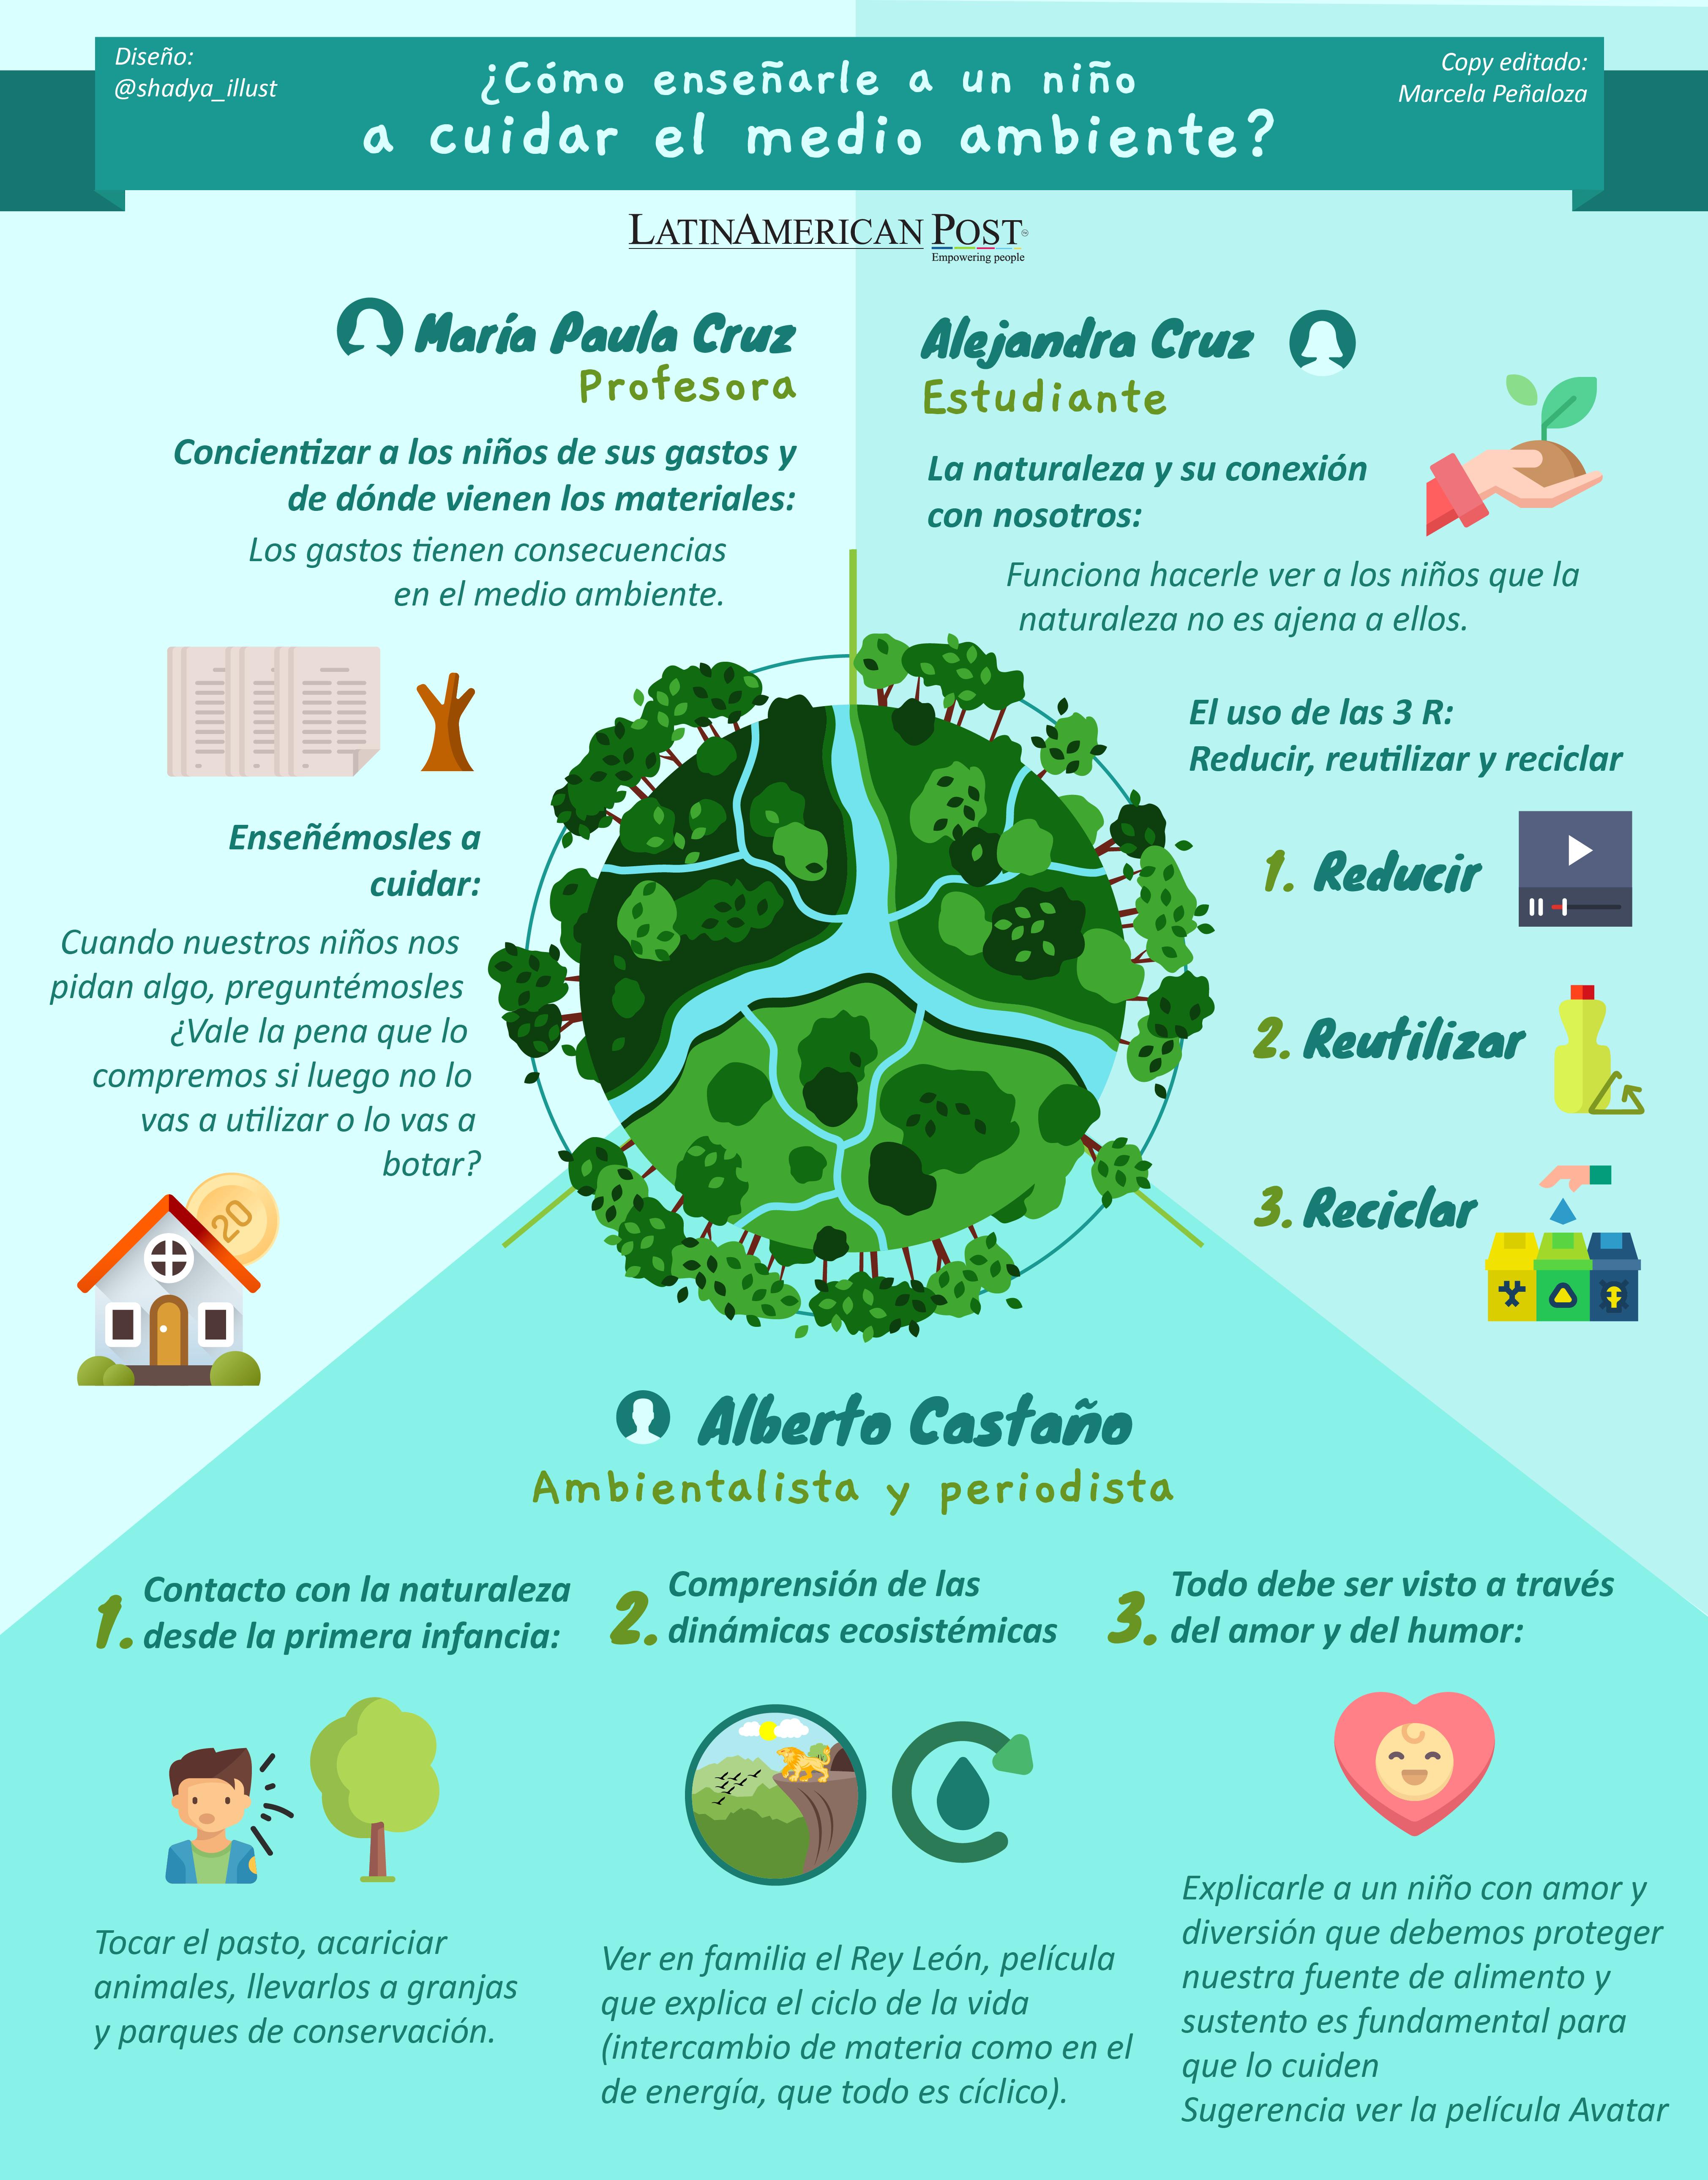 Infografía: ¿Cómo enseñarle a un niño a cuidar el medio ambiente?